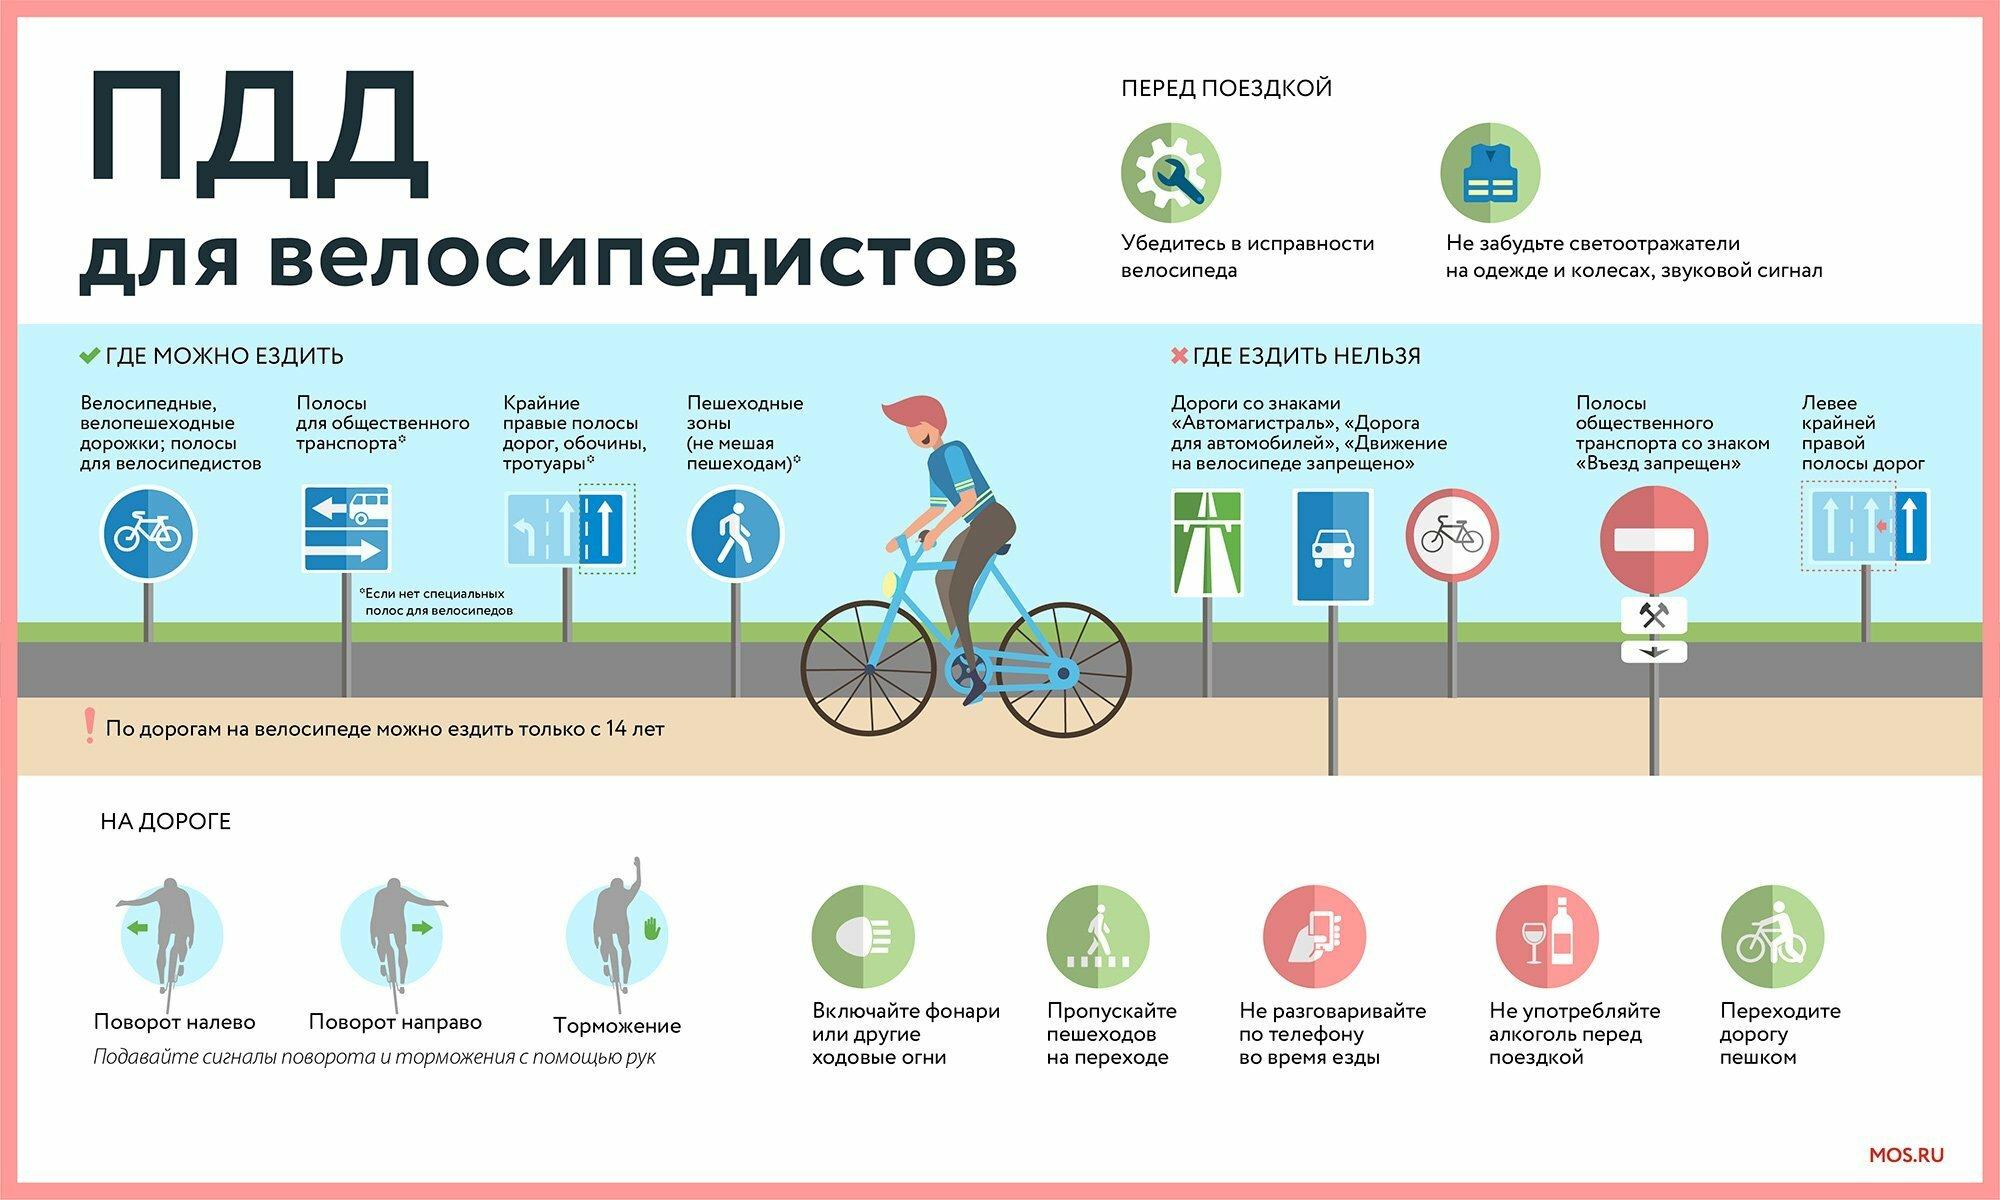 Кардиомонитор для велосипедиста » новости велоспорта на velolive